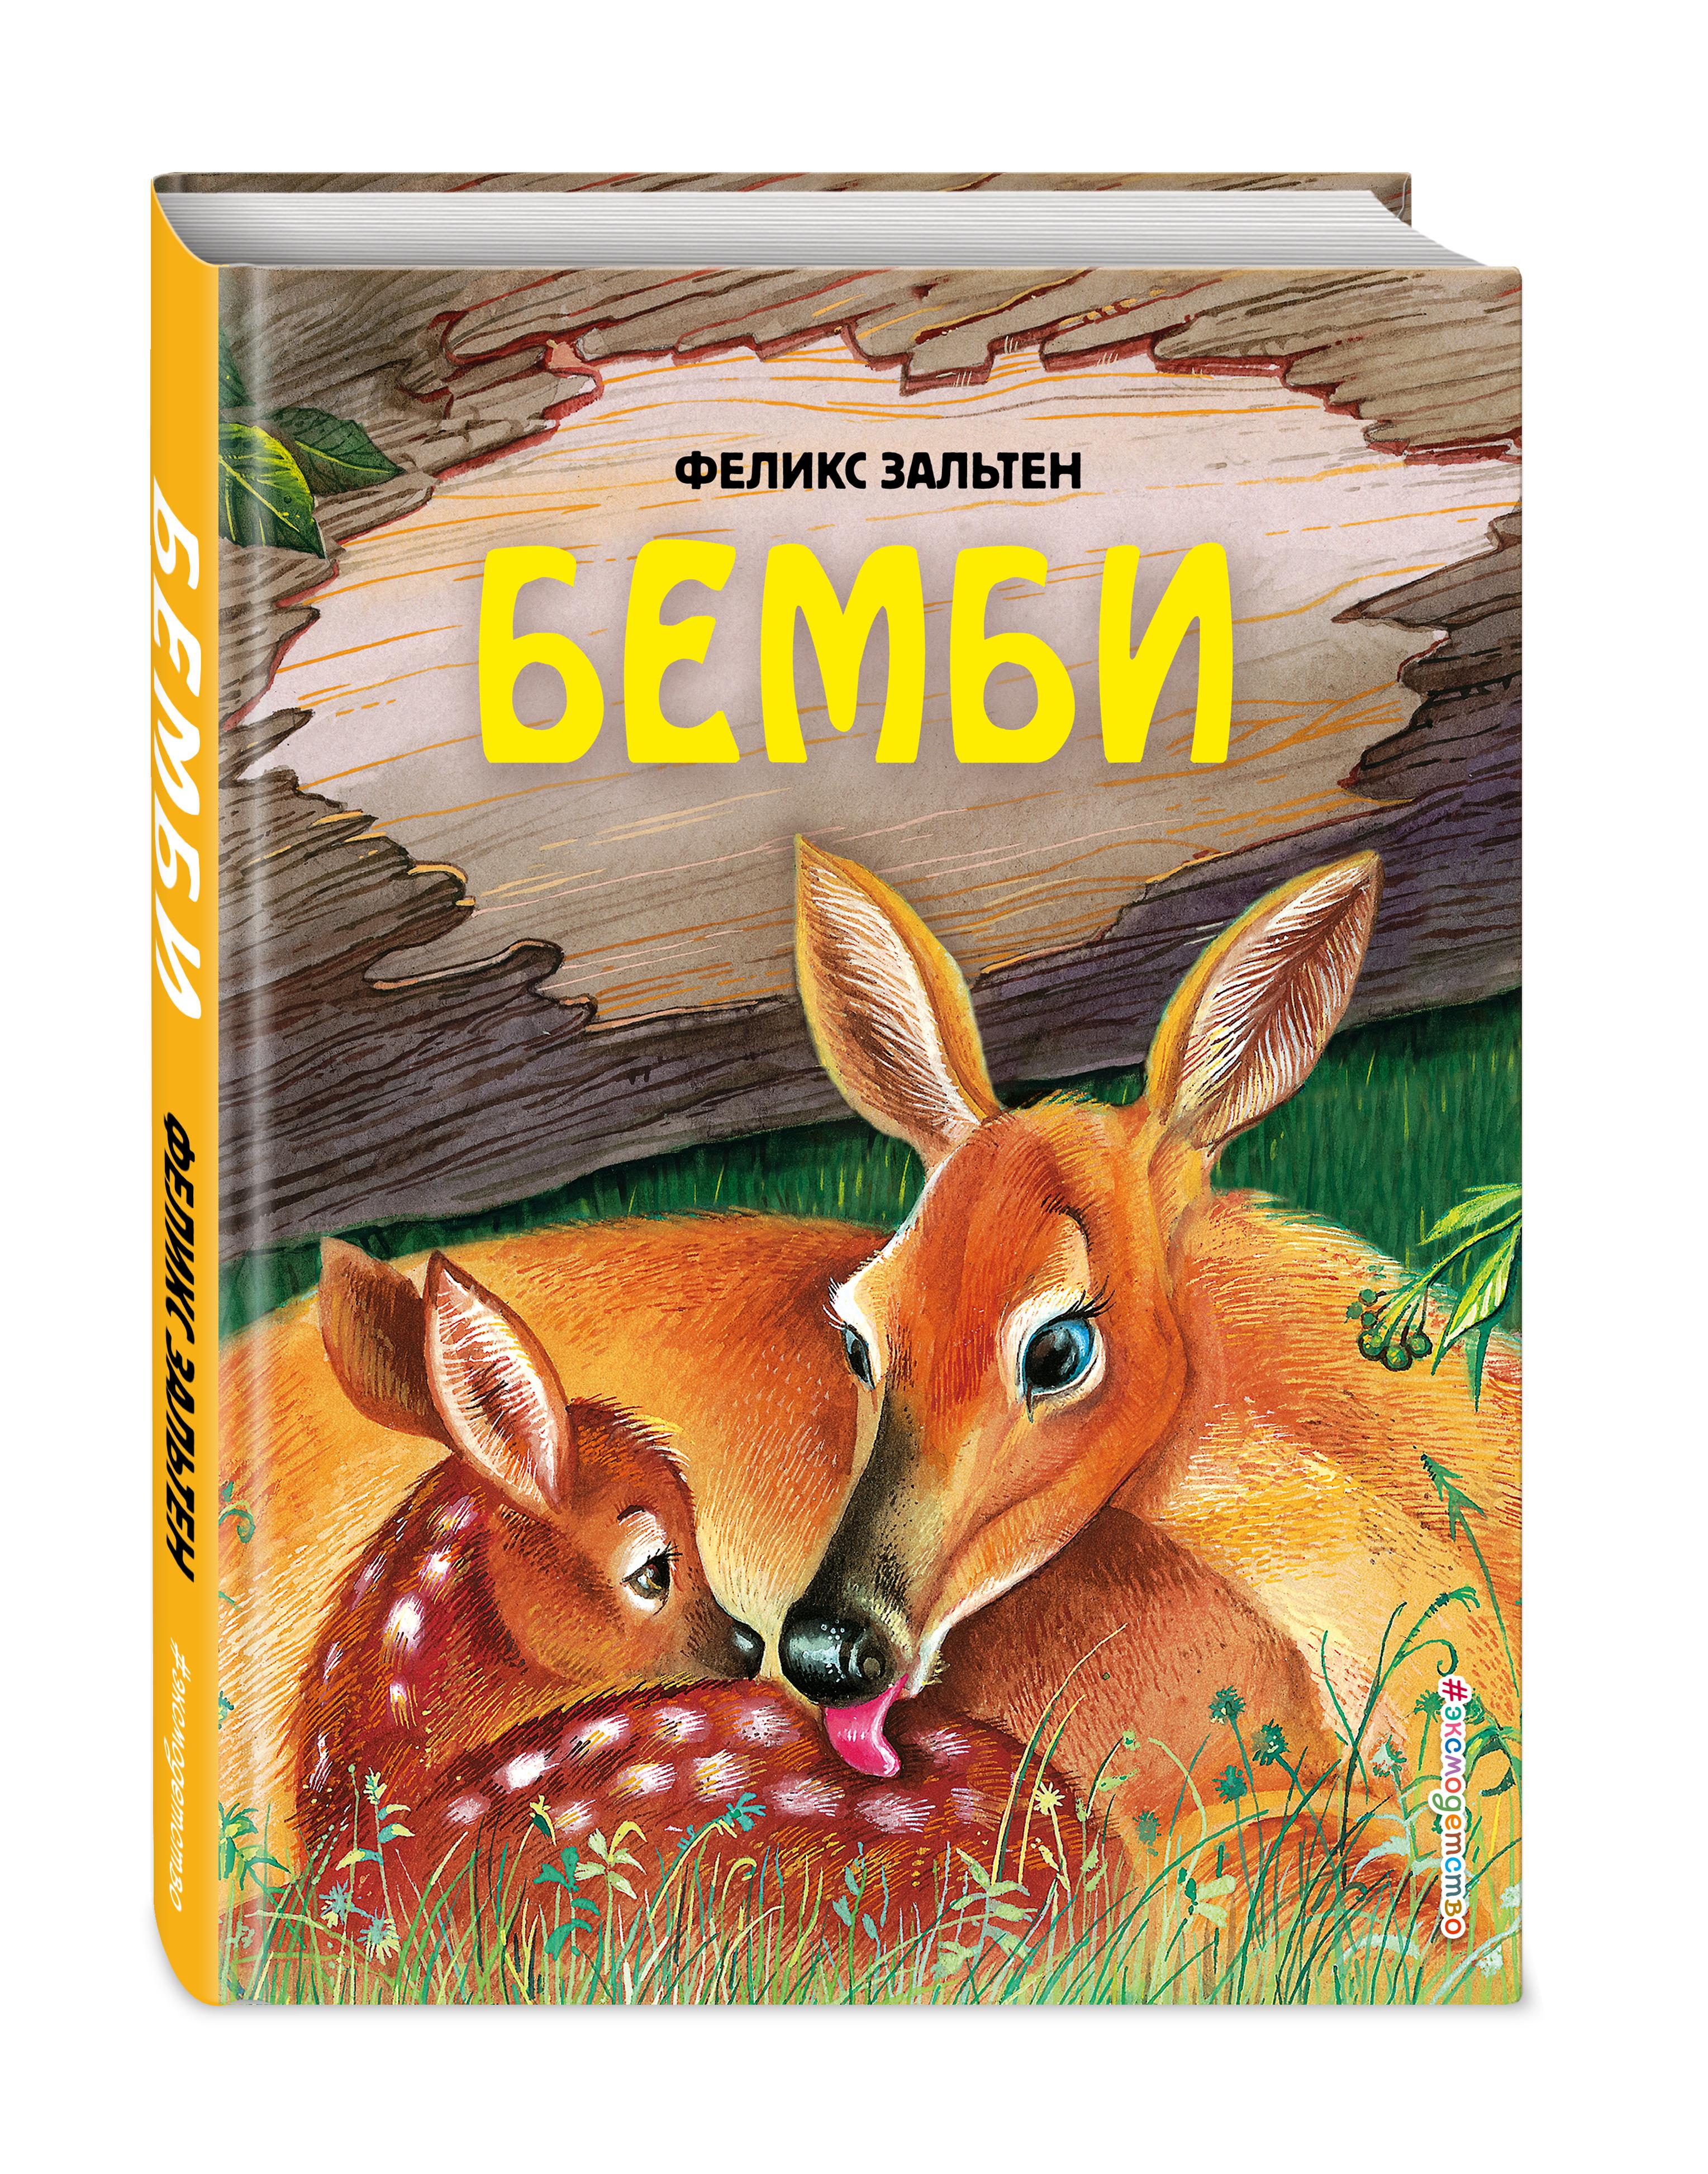 Феликс Зальтен Бемби (ил. М. Митрофанова) сборник бемби спектакль